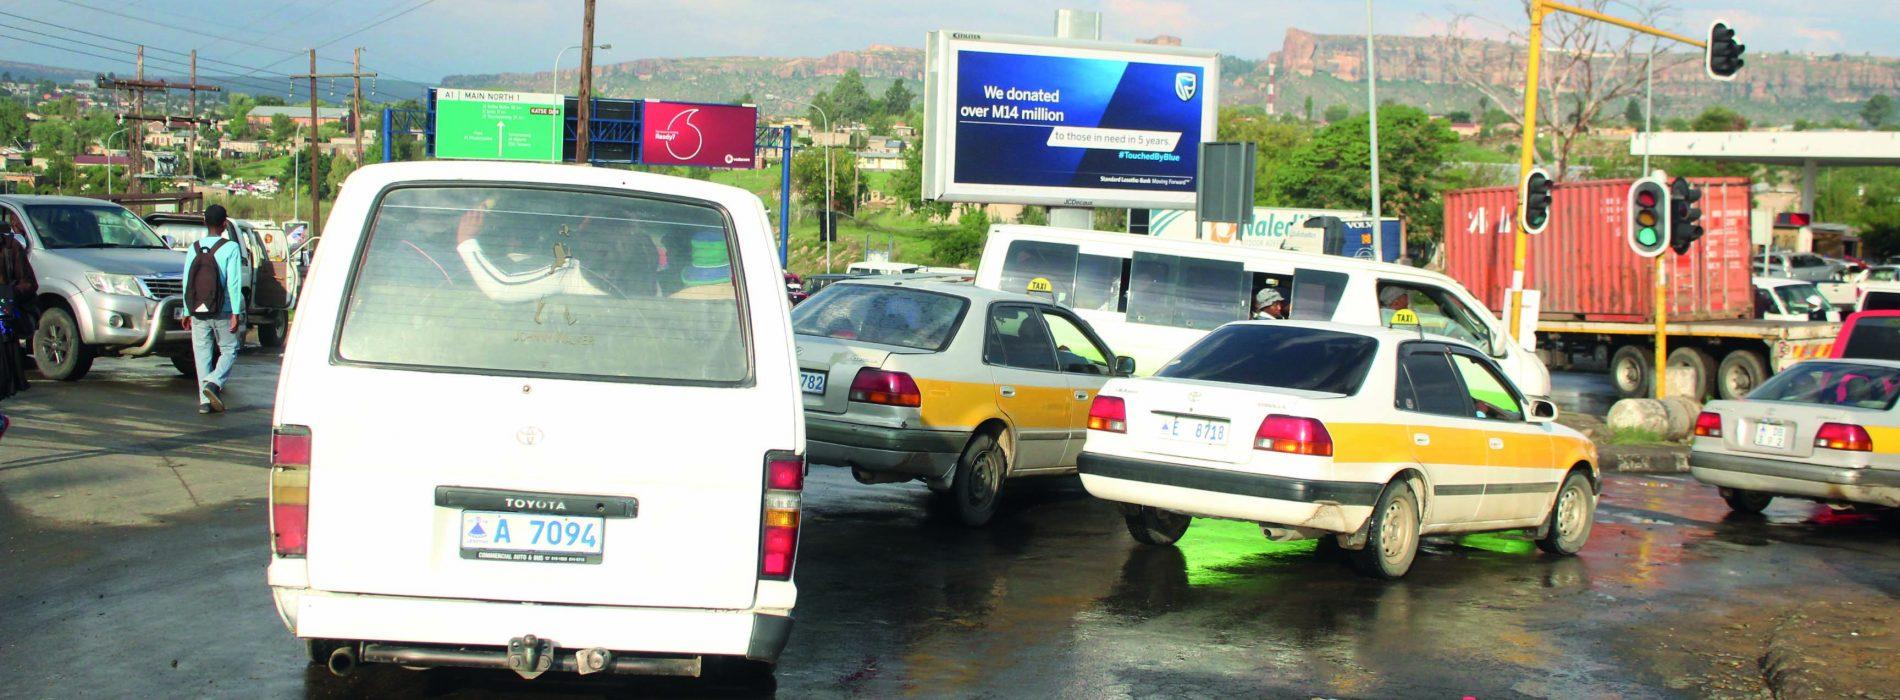 Taxi operators want M15 fares